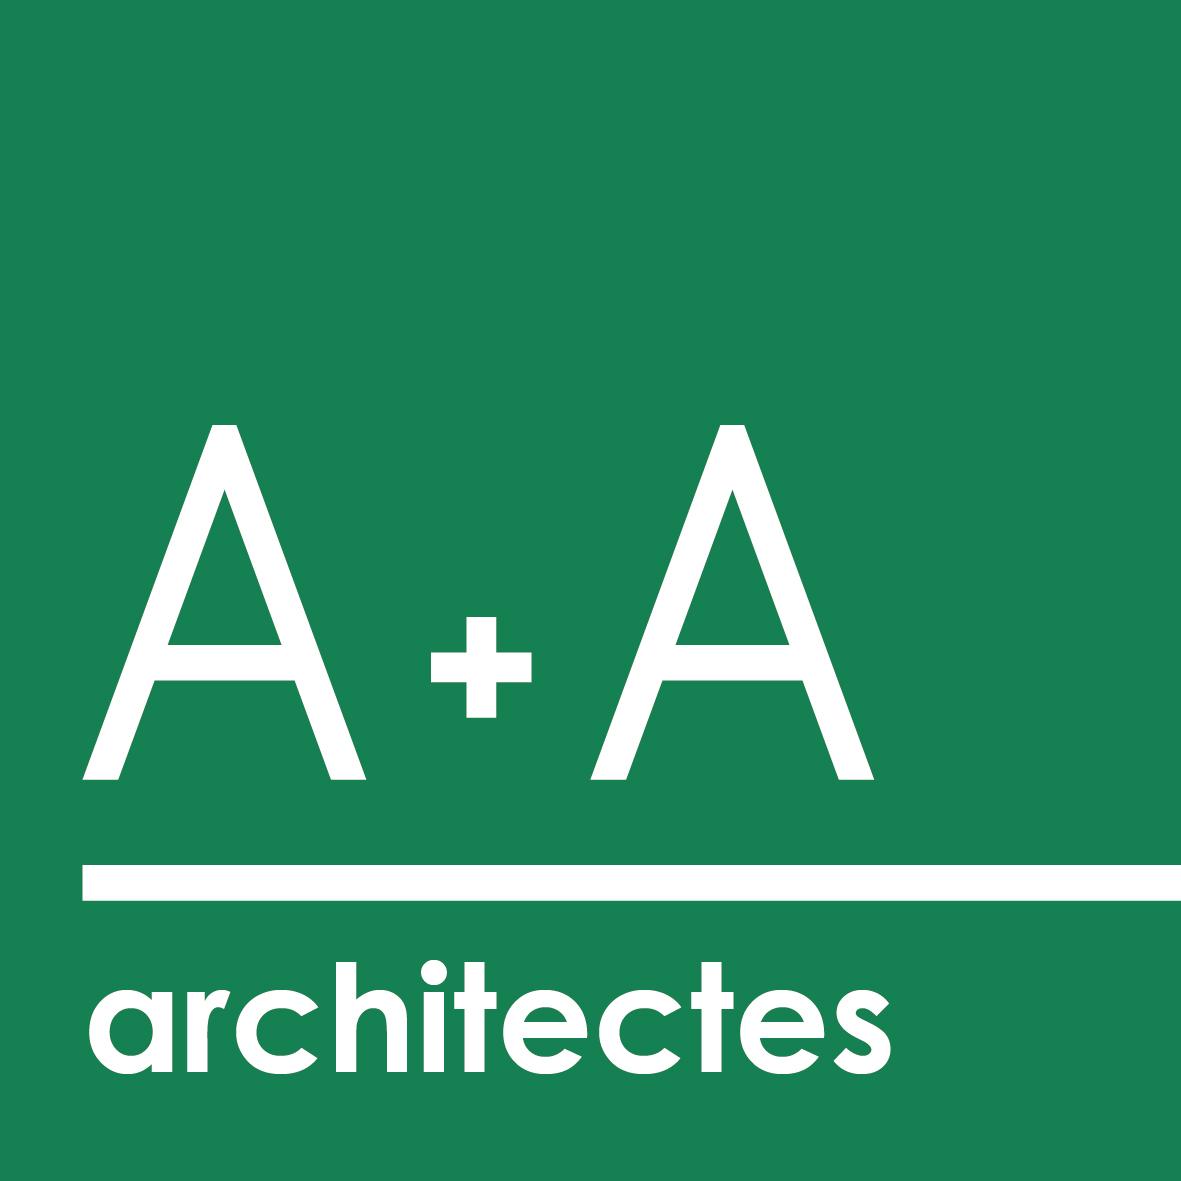 A+A architectes